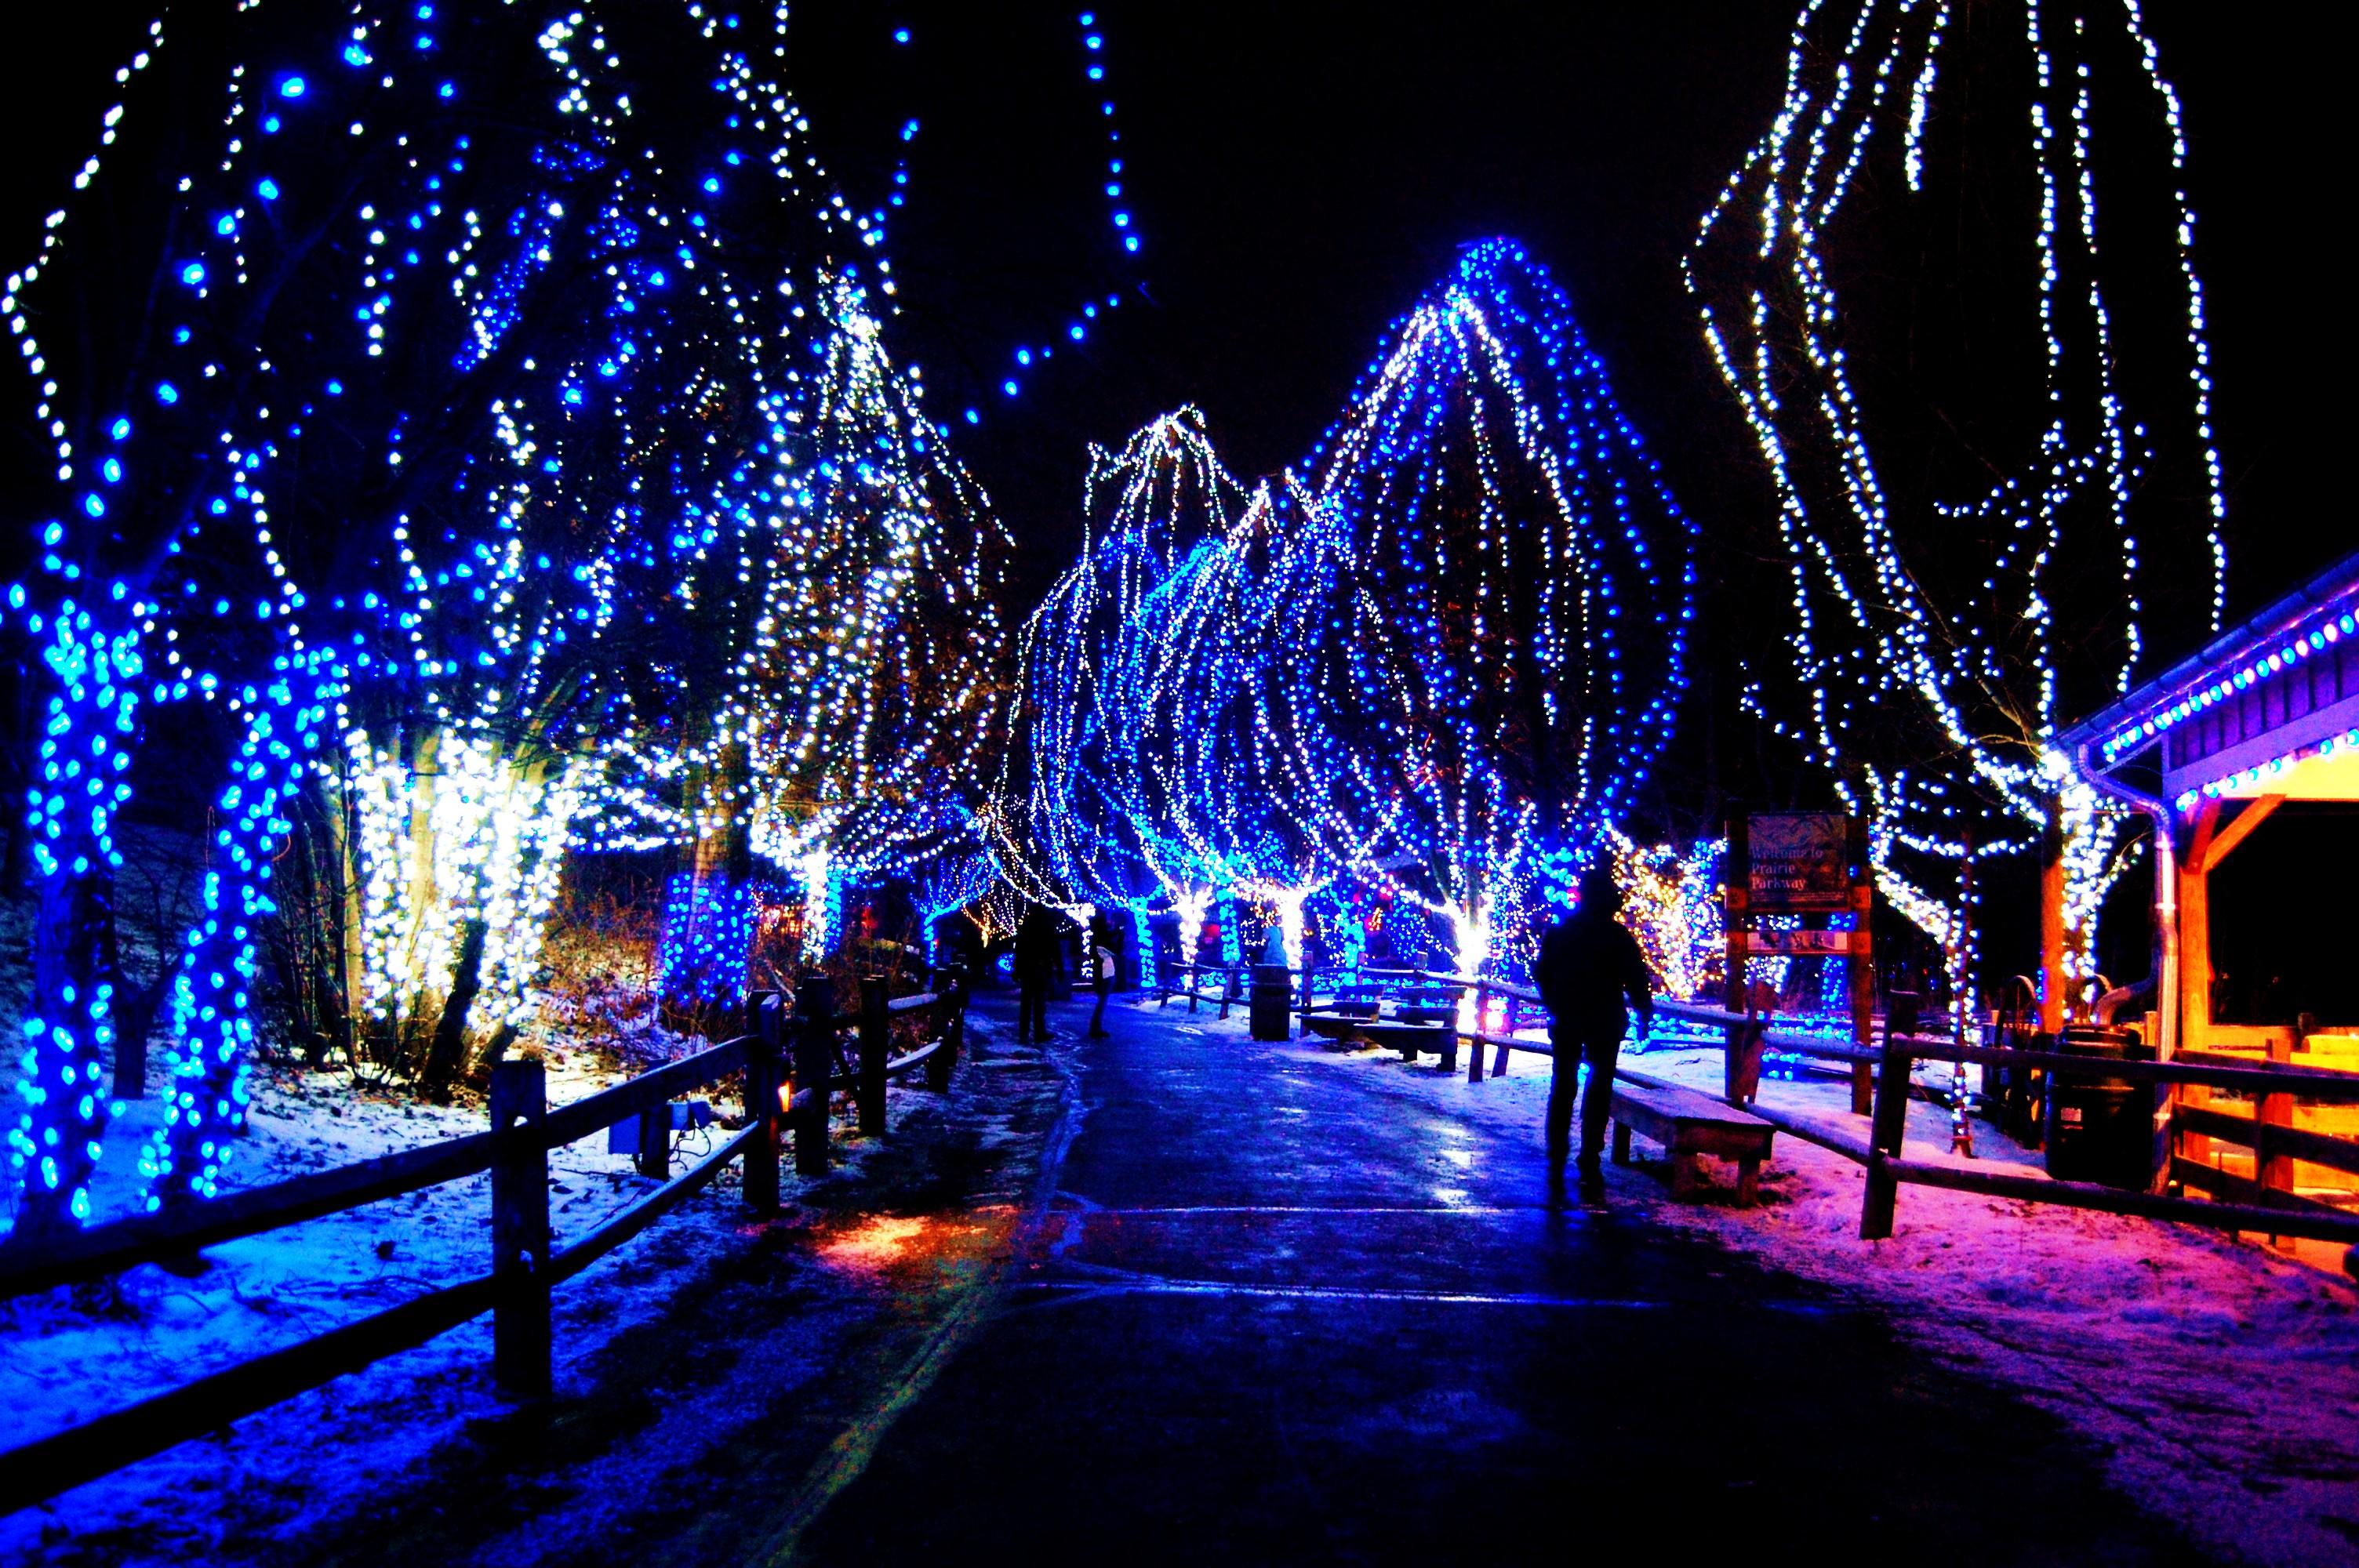 HD Christmas Lights Wallpapers 3008x2000